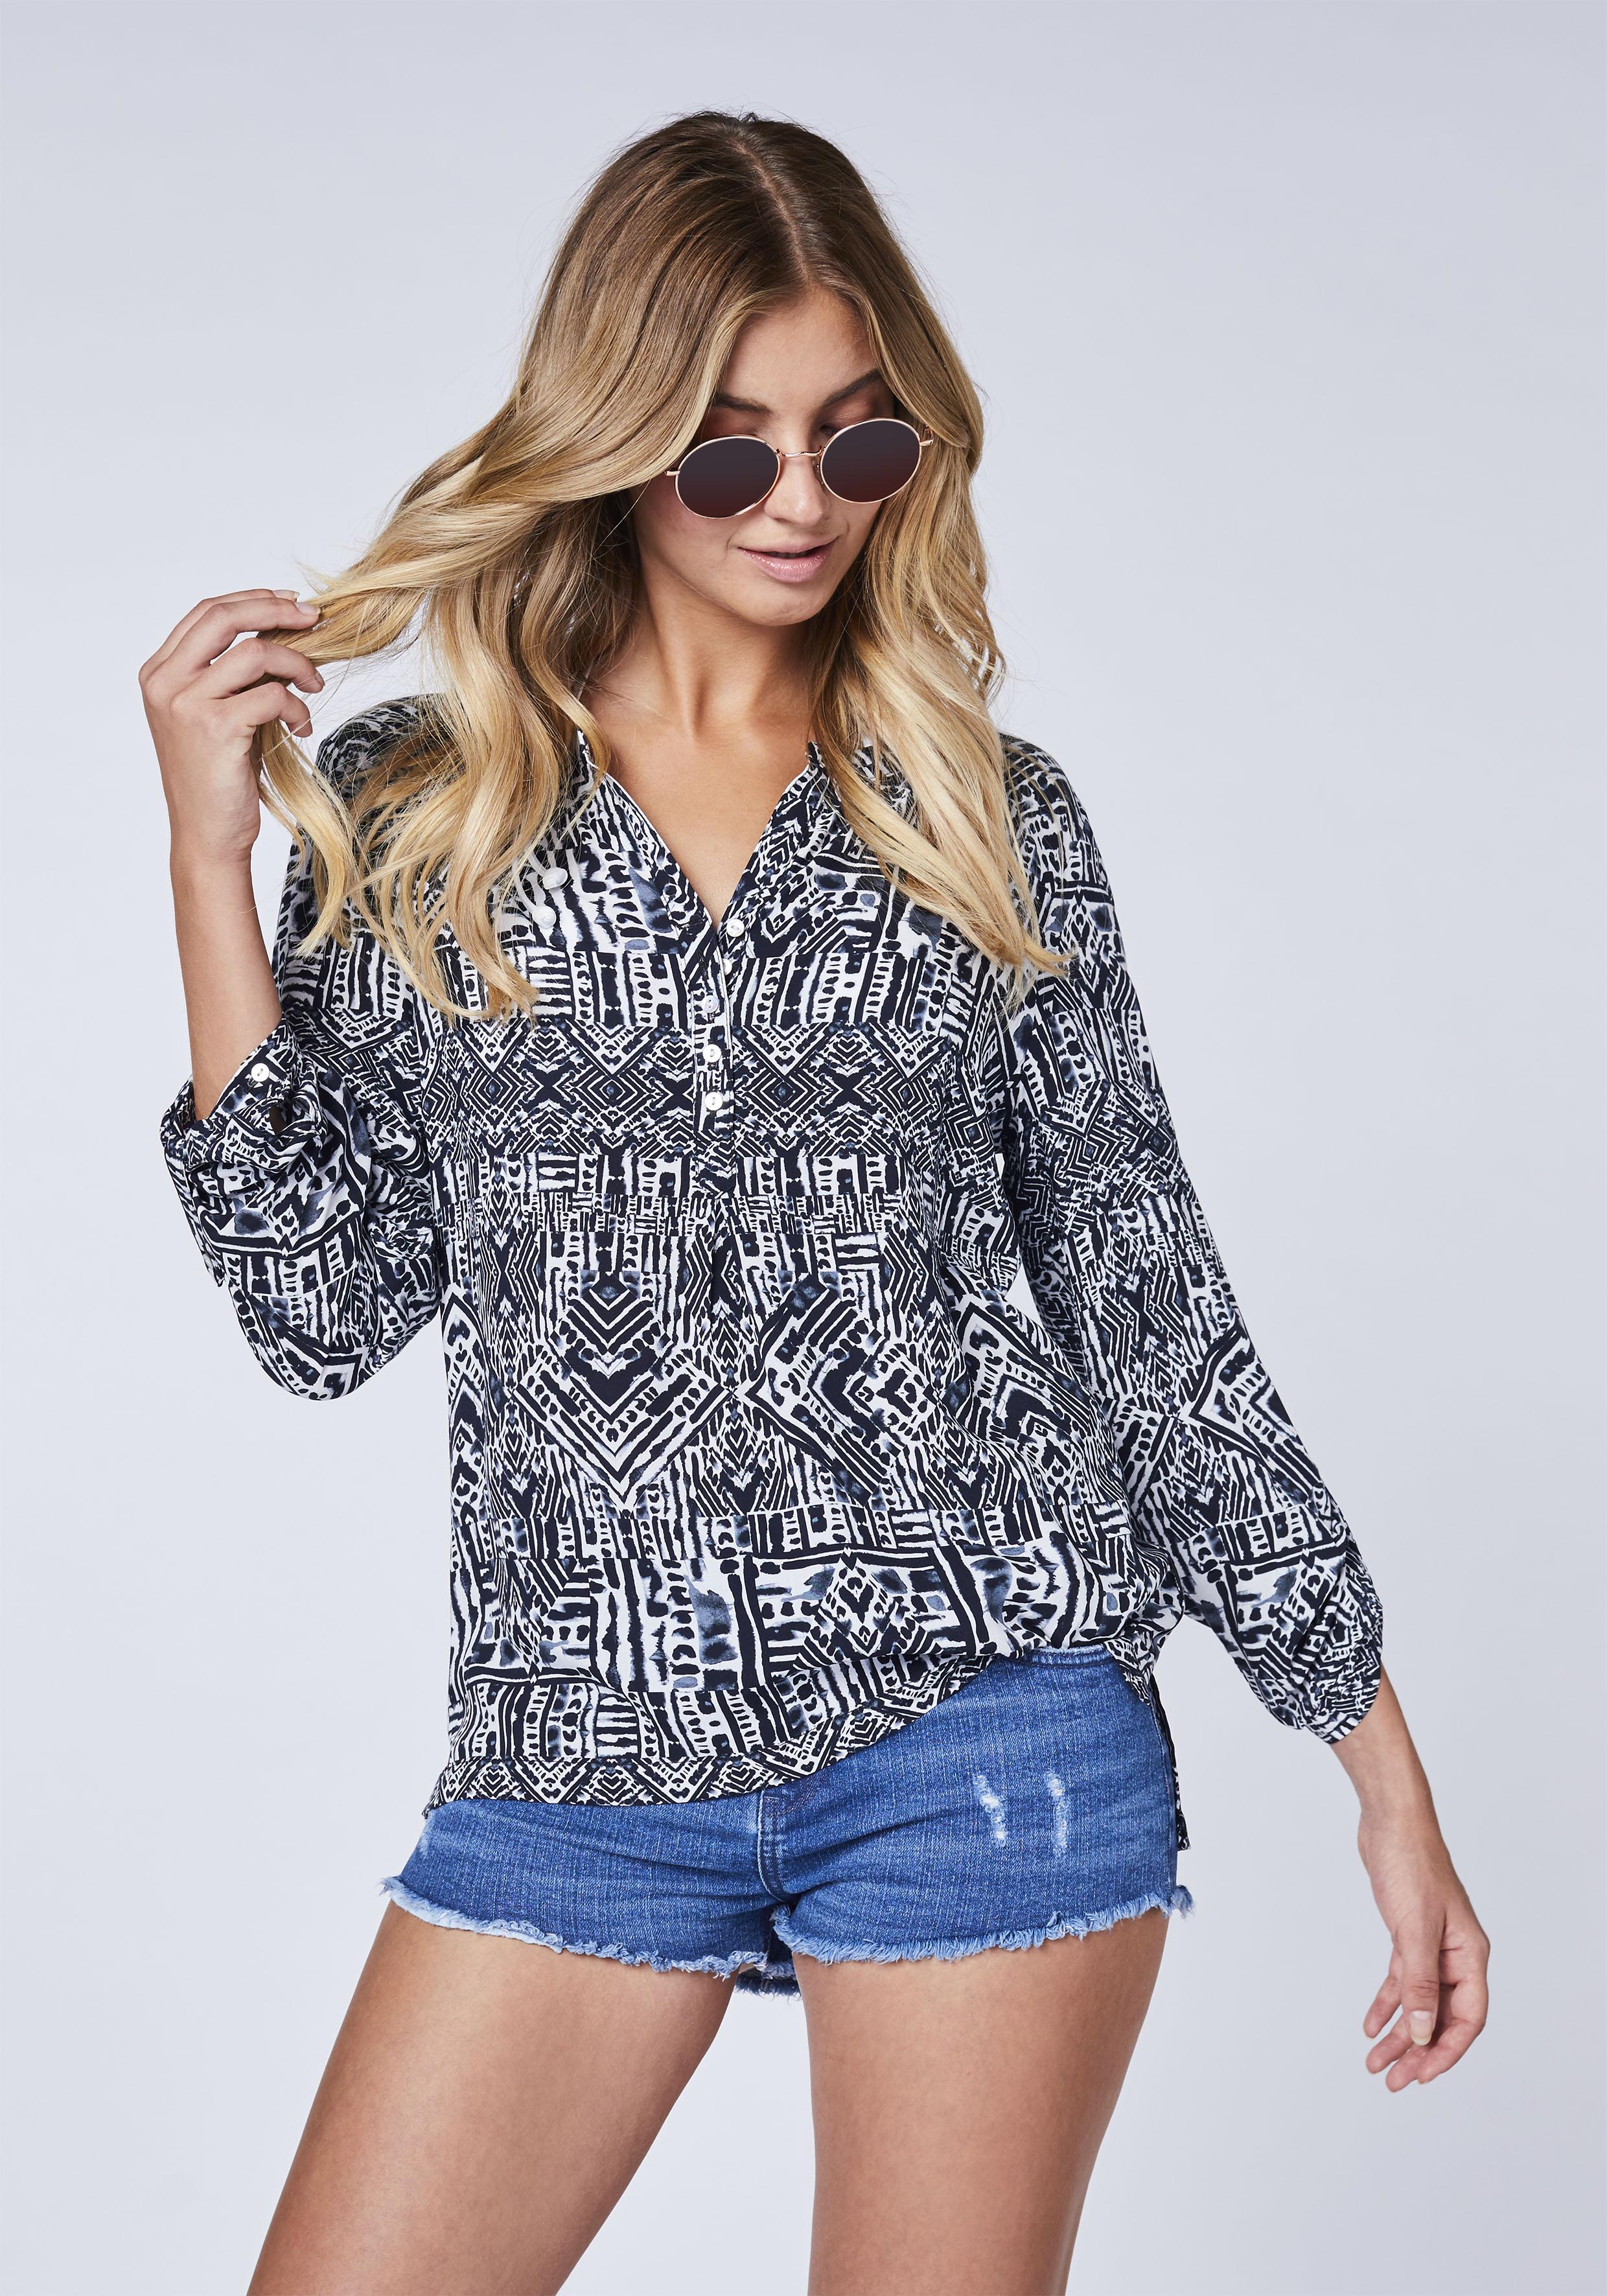 Chiemsee Klassische Bluse Bluse für Damen | Bekleidung > Blusen > Klassische Blusen | Chiemsee